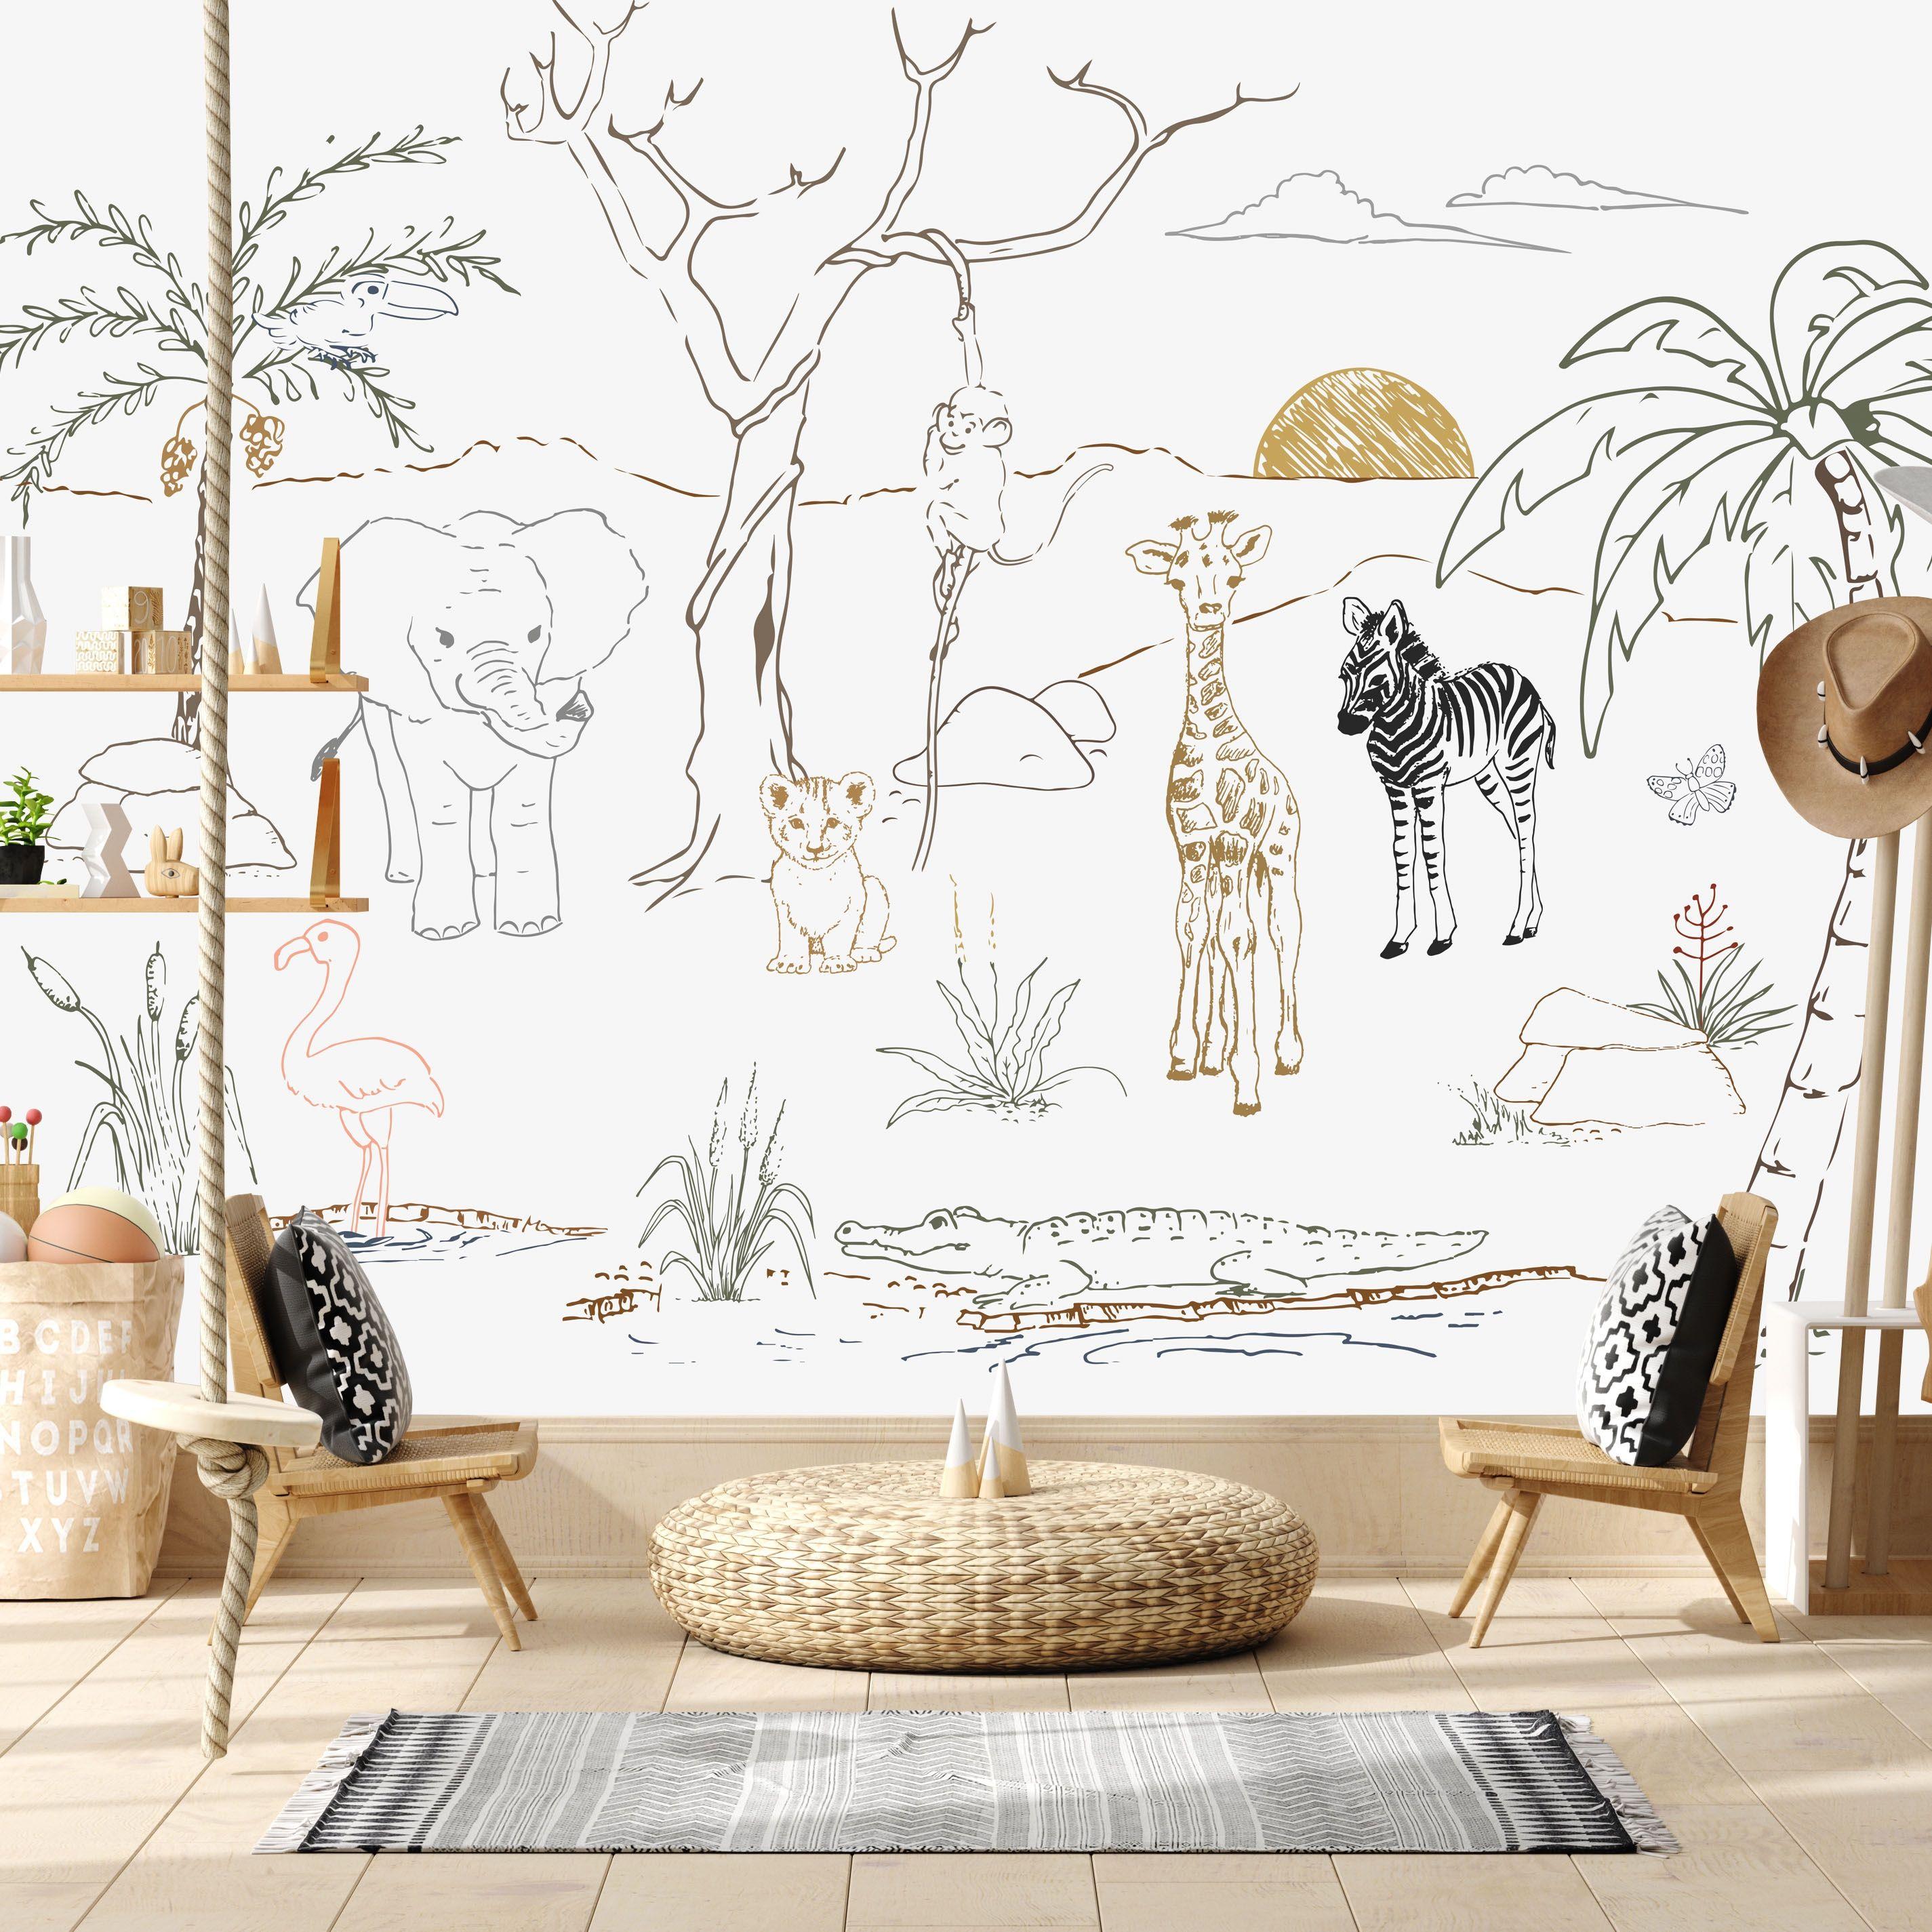 BABY SAFARI ANIMAL MURAL | Animal mural, Mural wallpaper ...